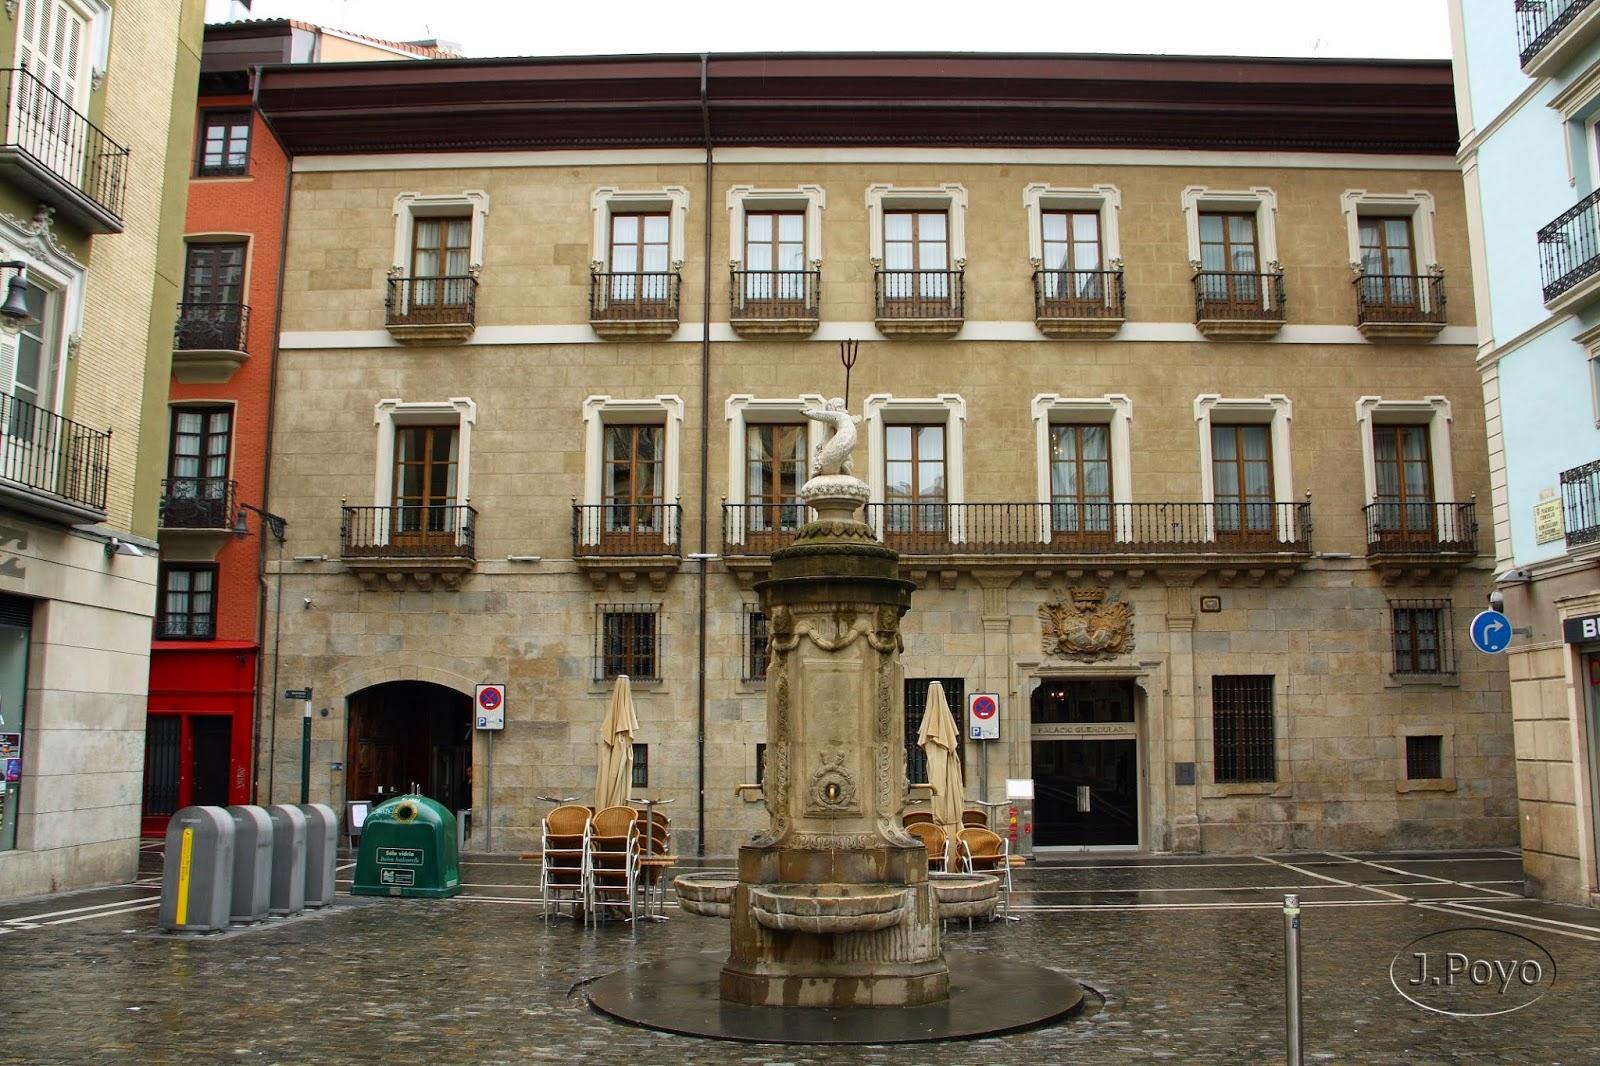 Palacio de los condes de Guenduláin Pamplona